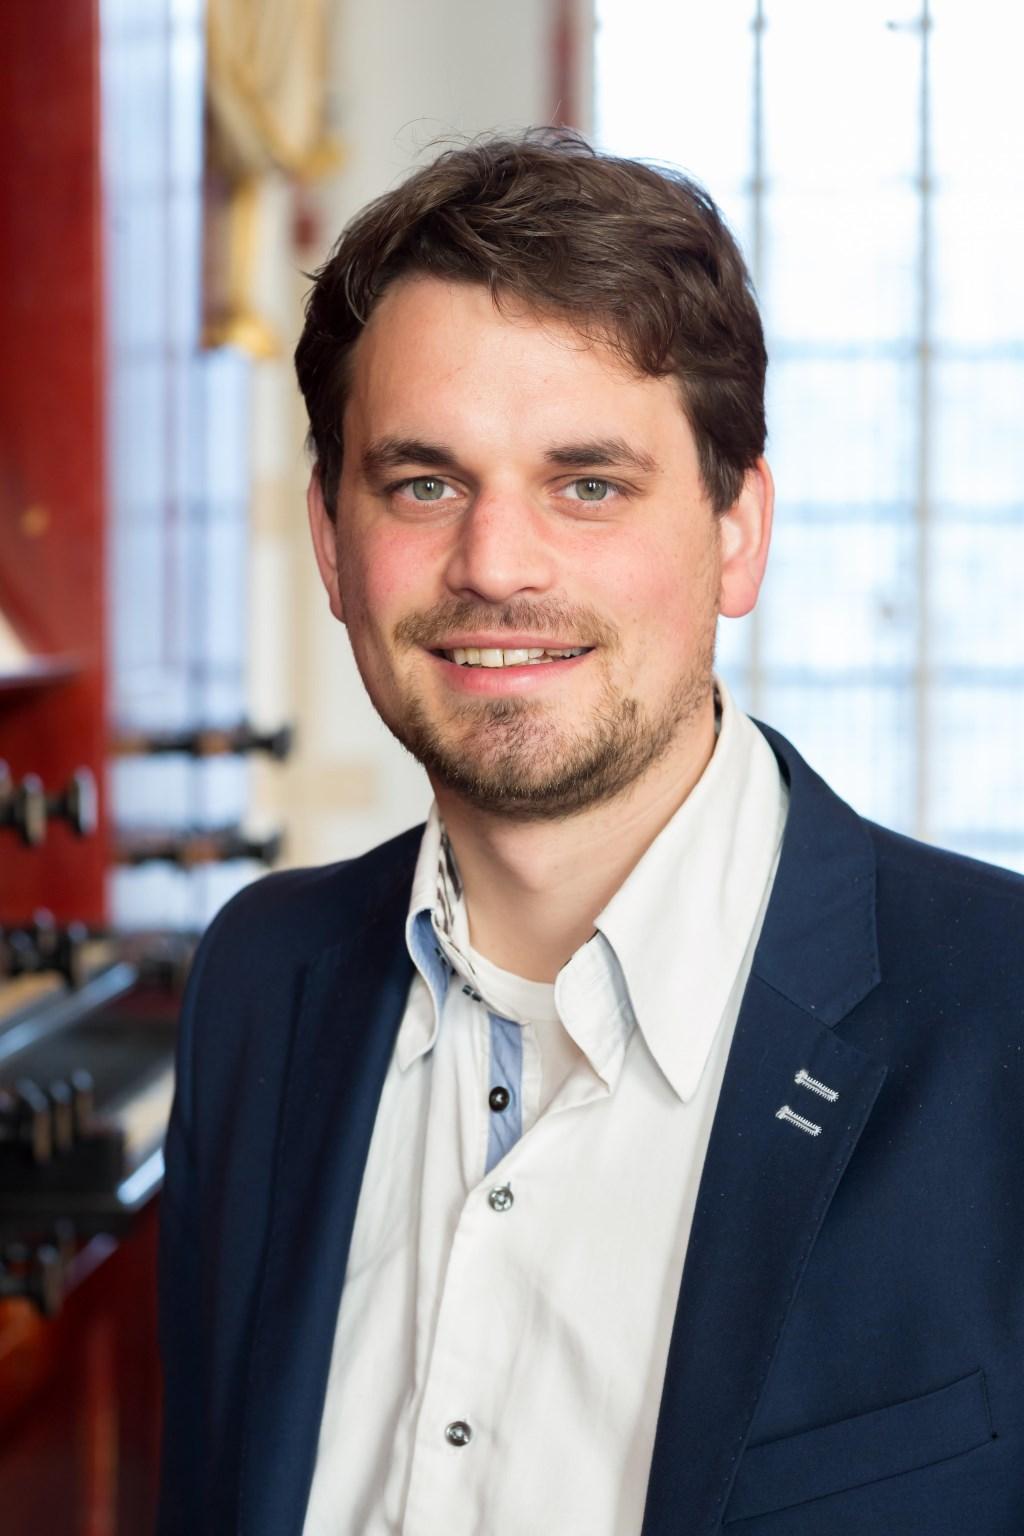 Organist Hugo Bakker